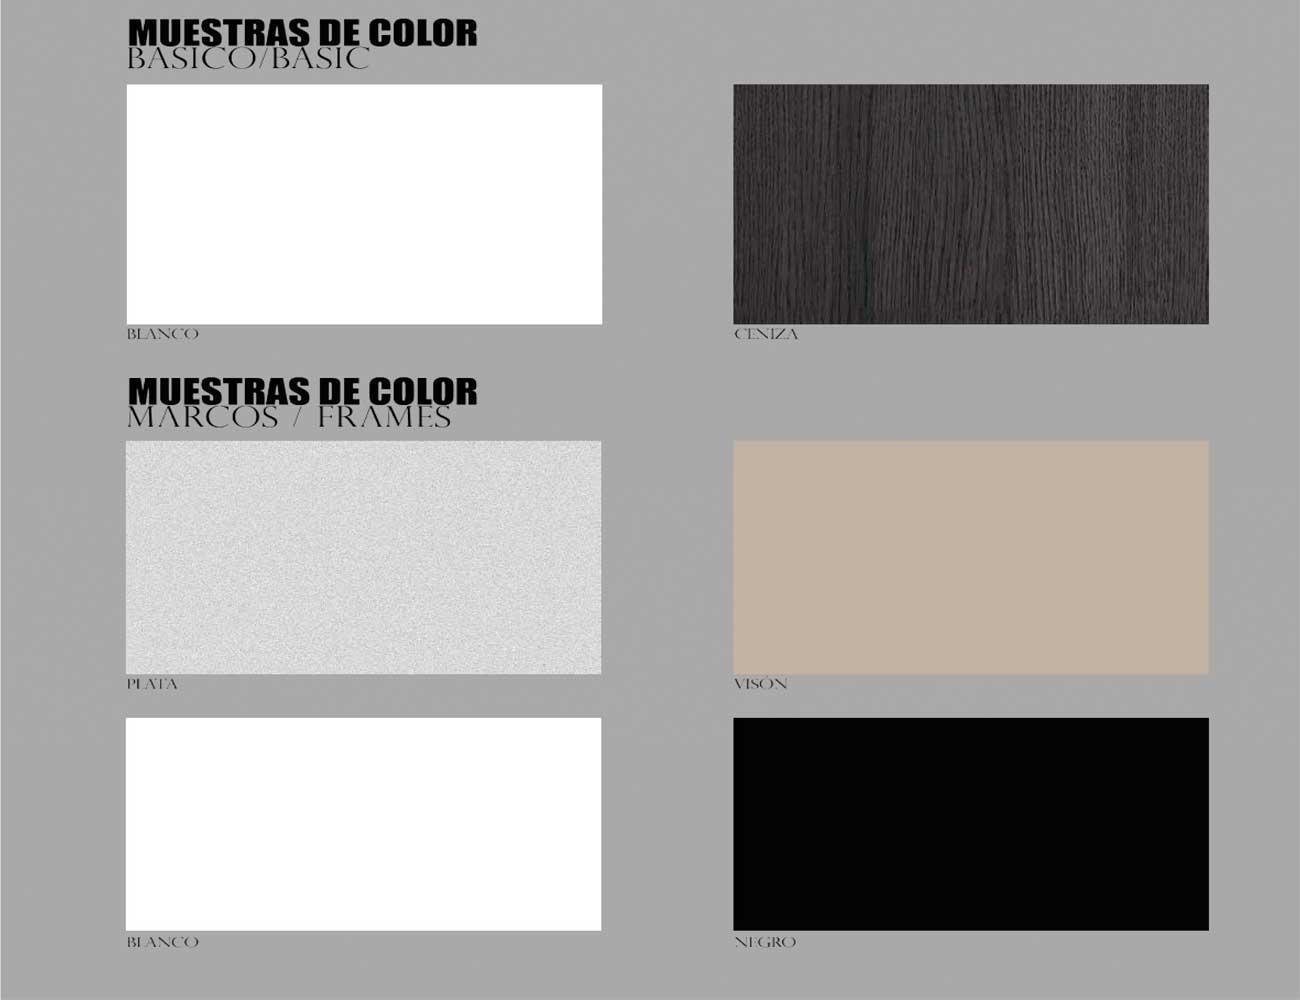 Colores tecnico15